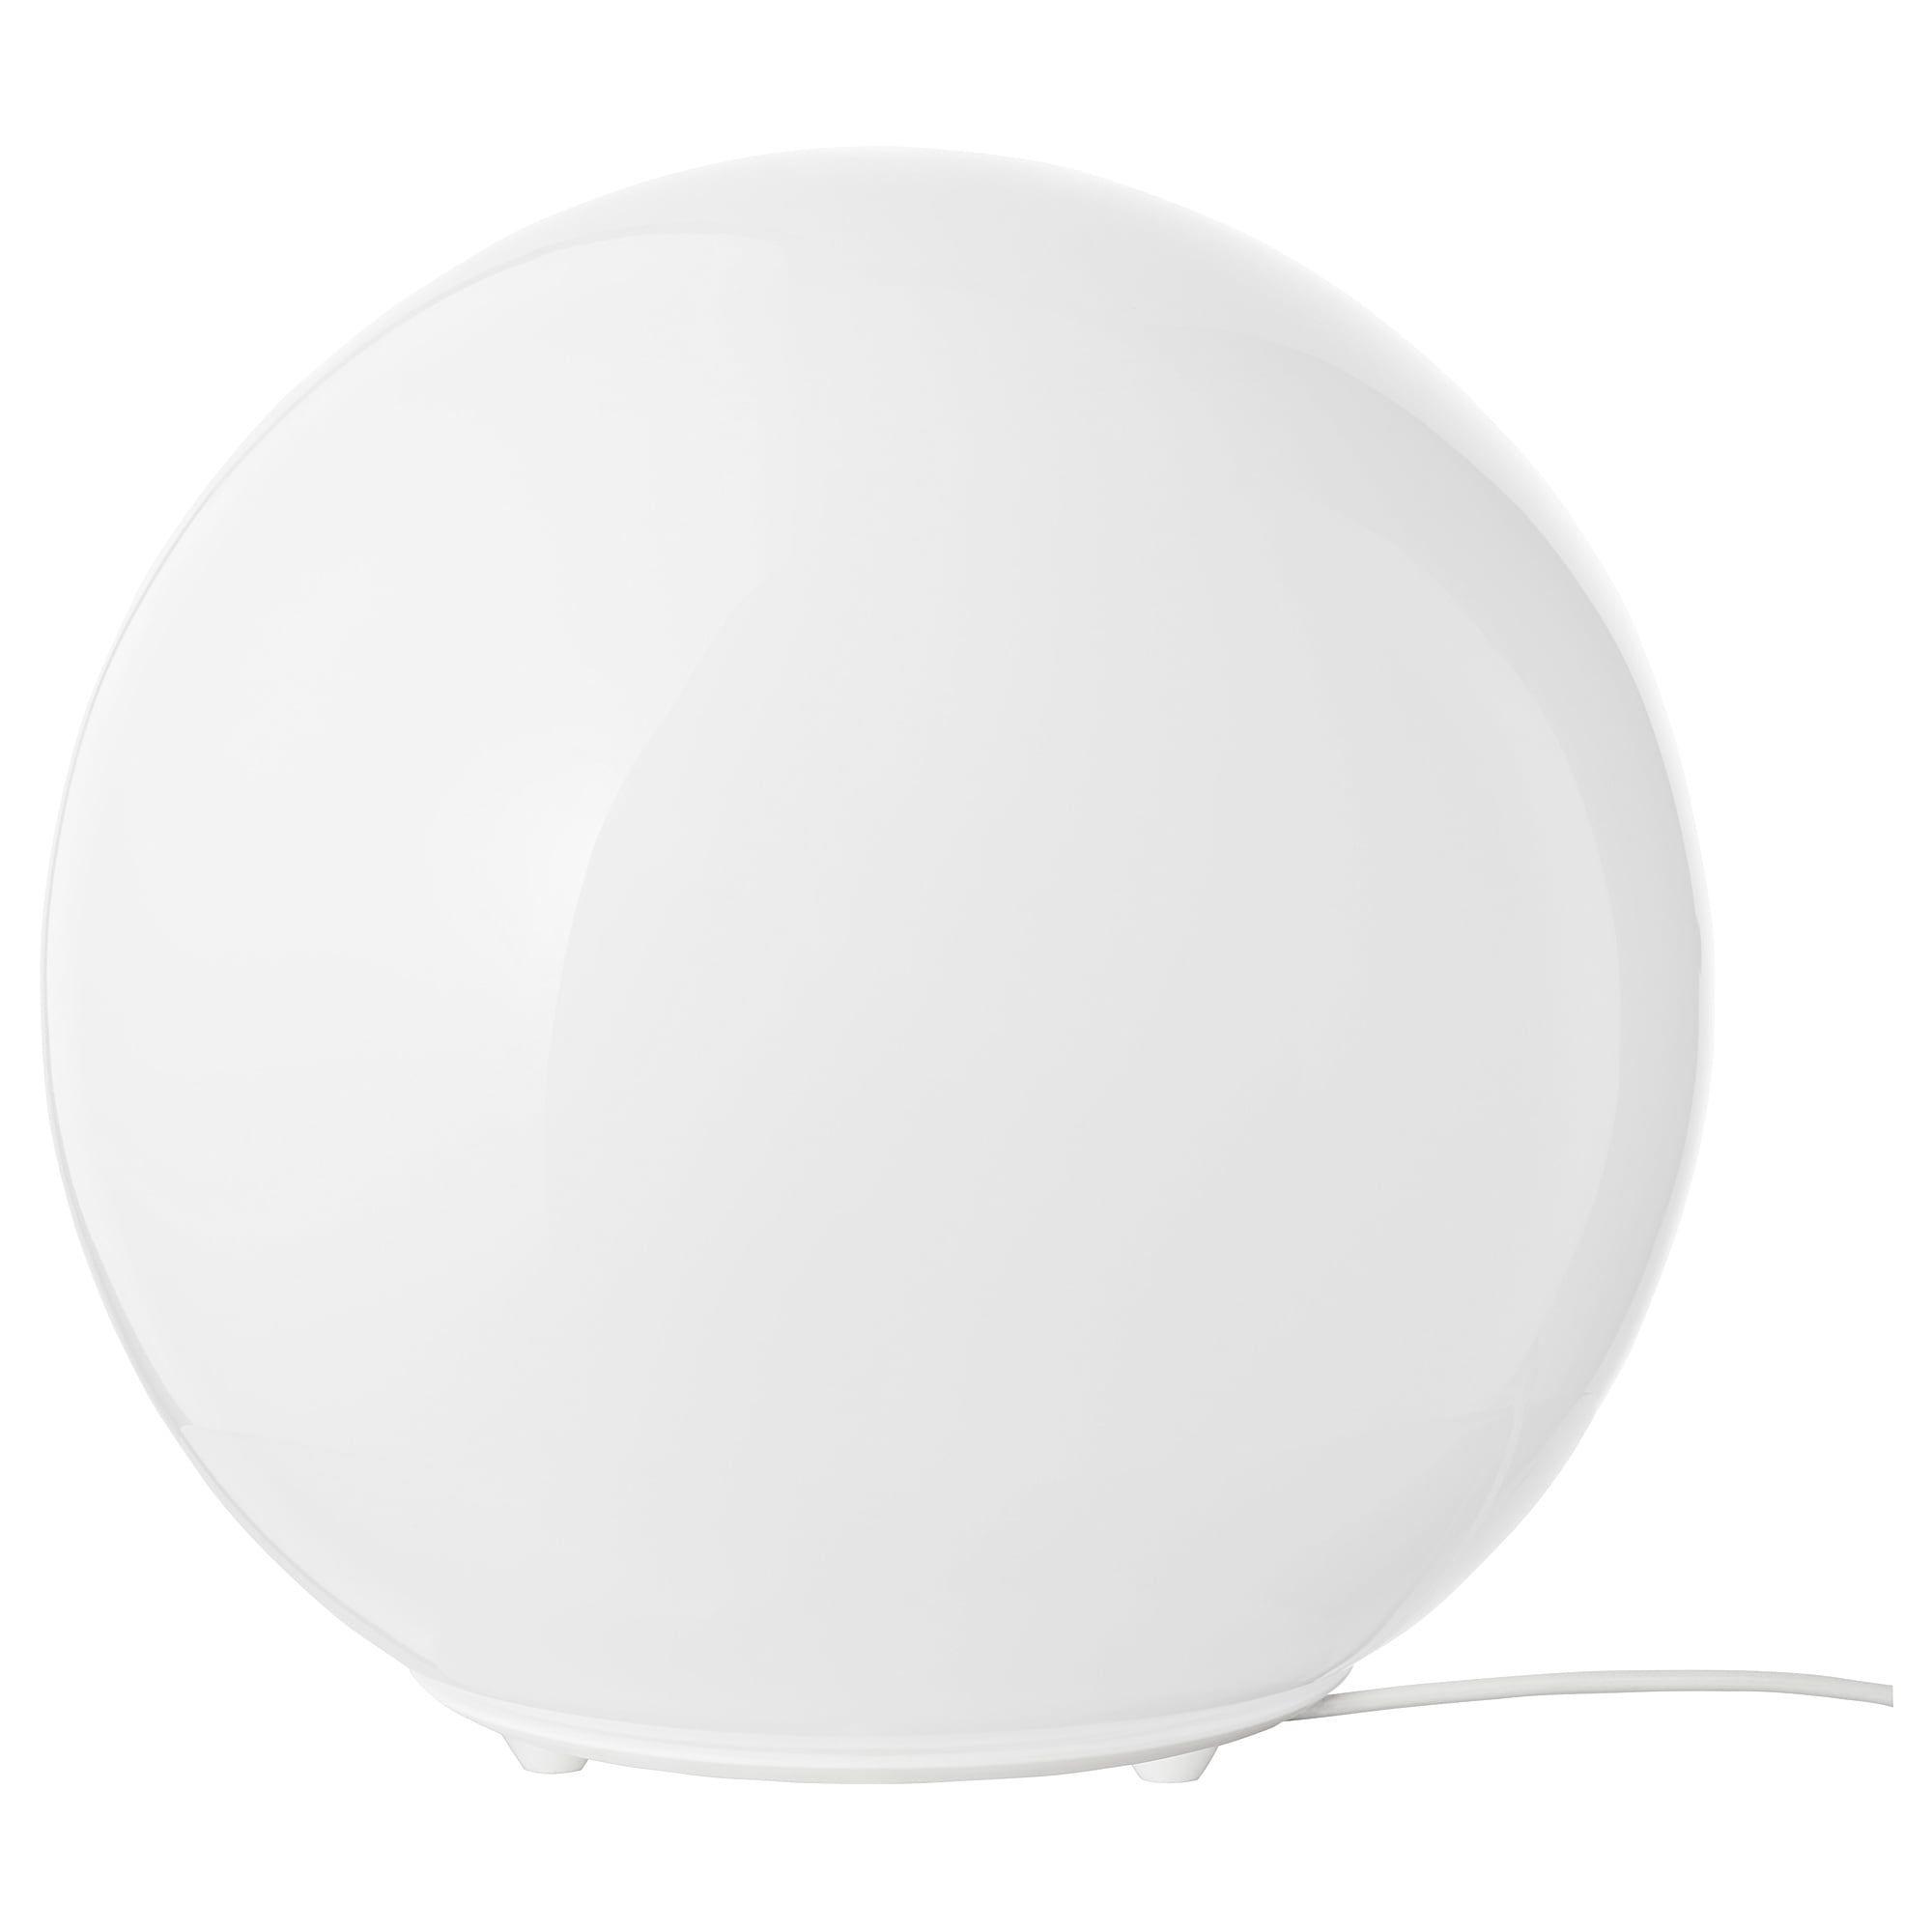 FADO Table lamp with LED bulb, white IKEA | White table